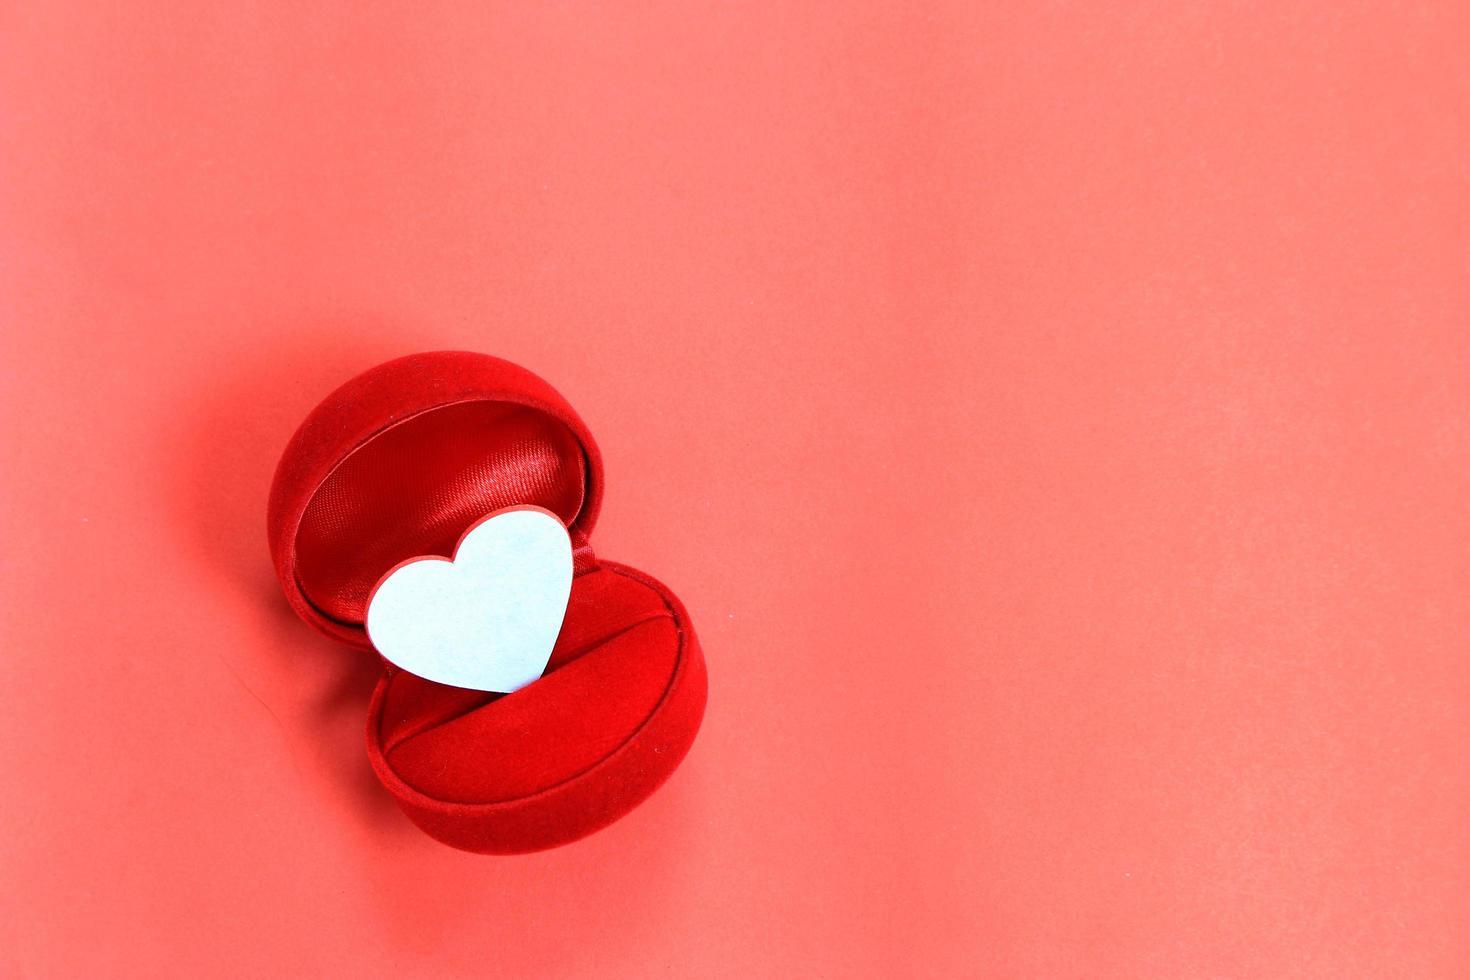 coração na caixa do anel foto